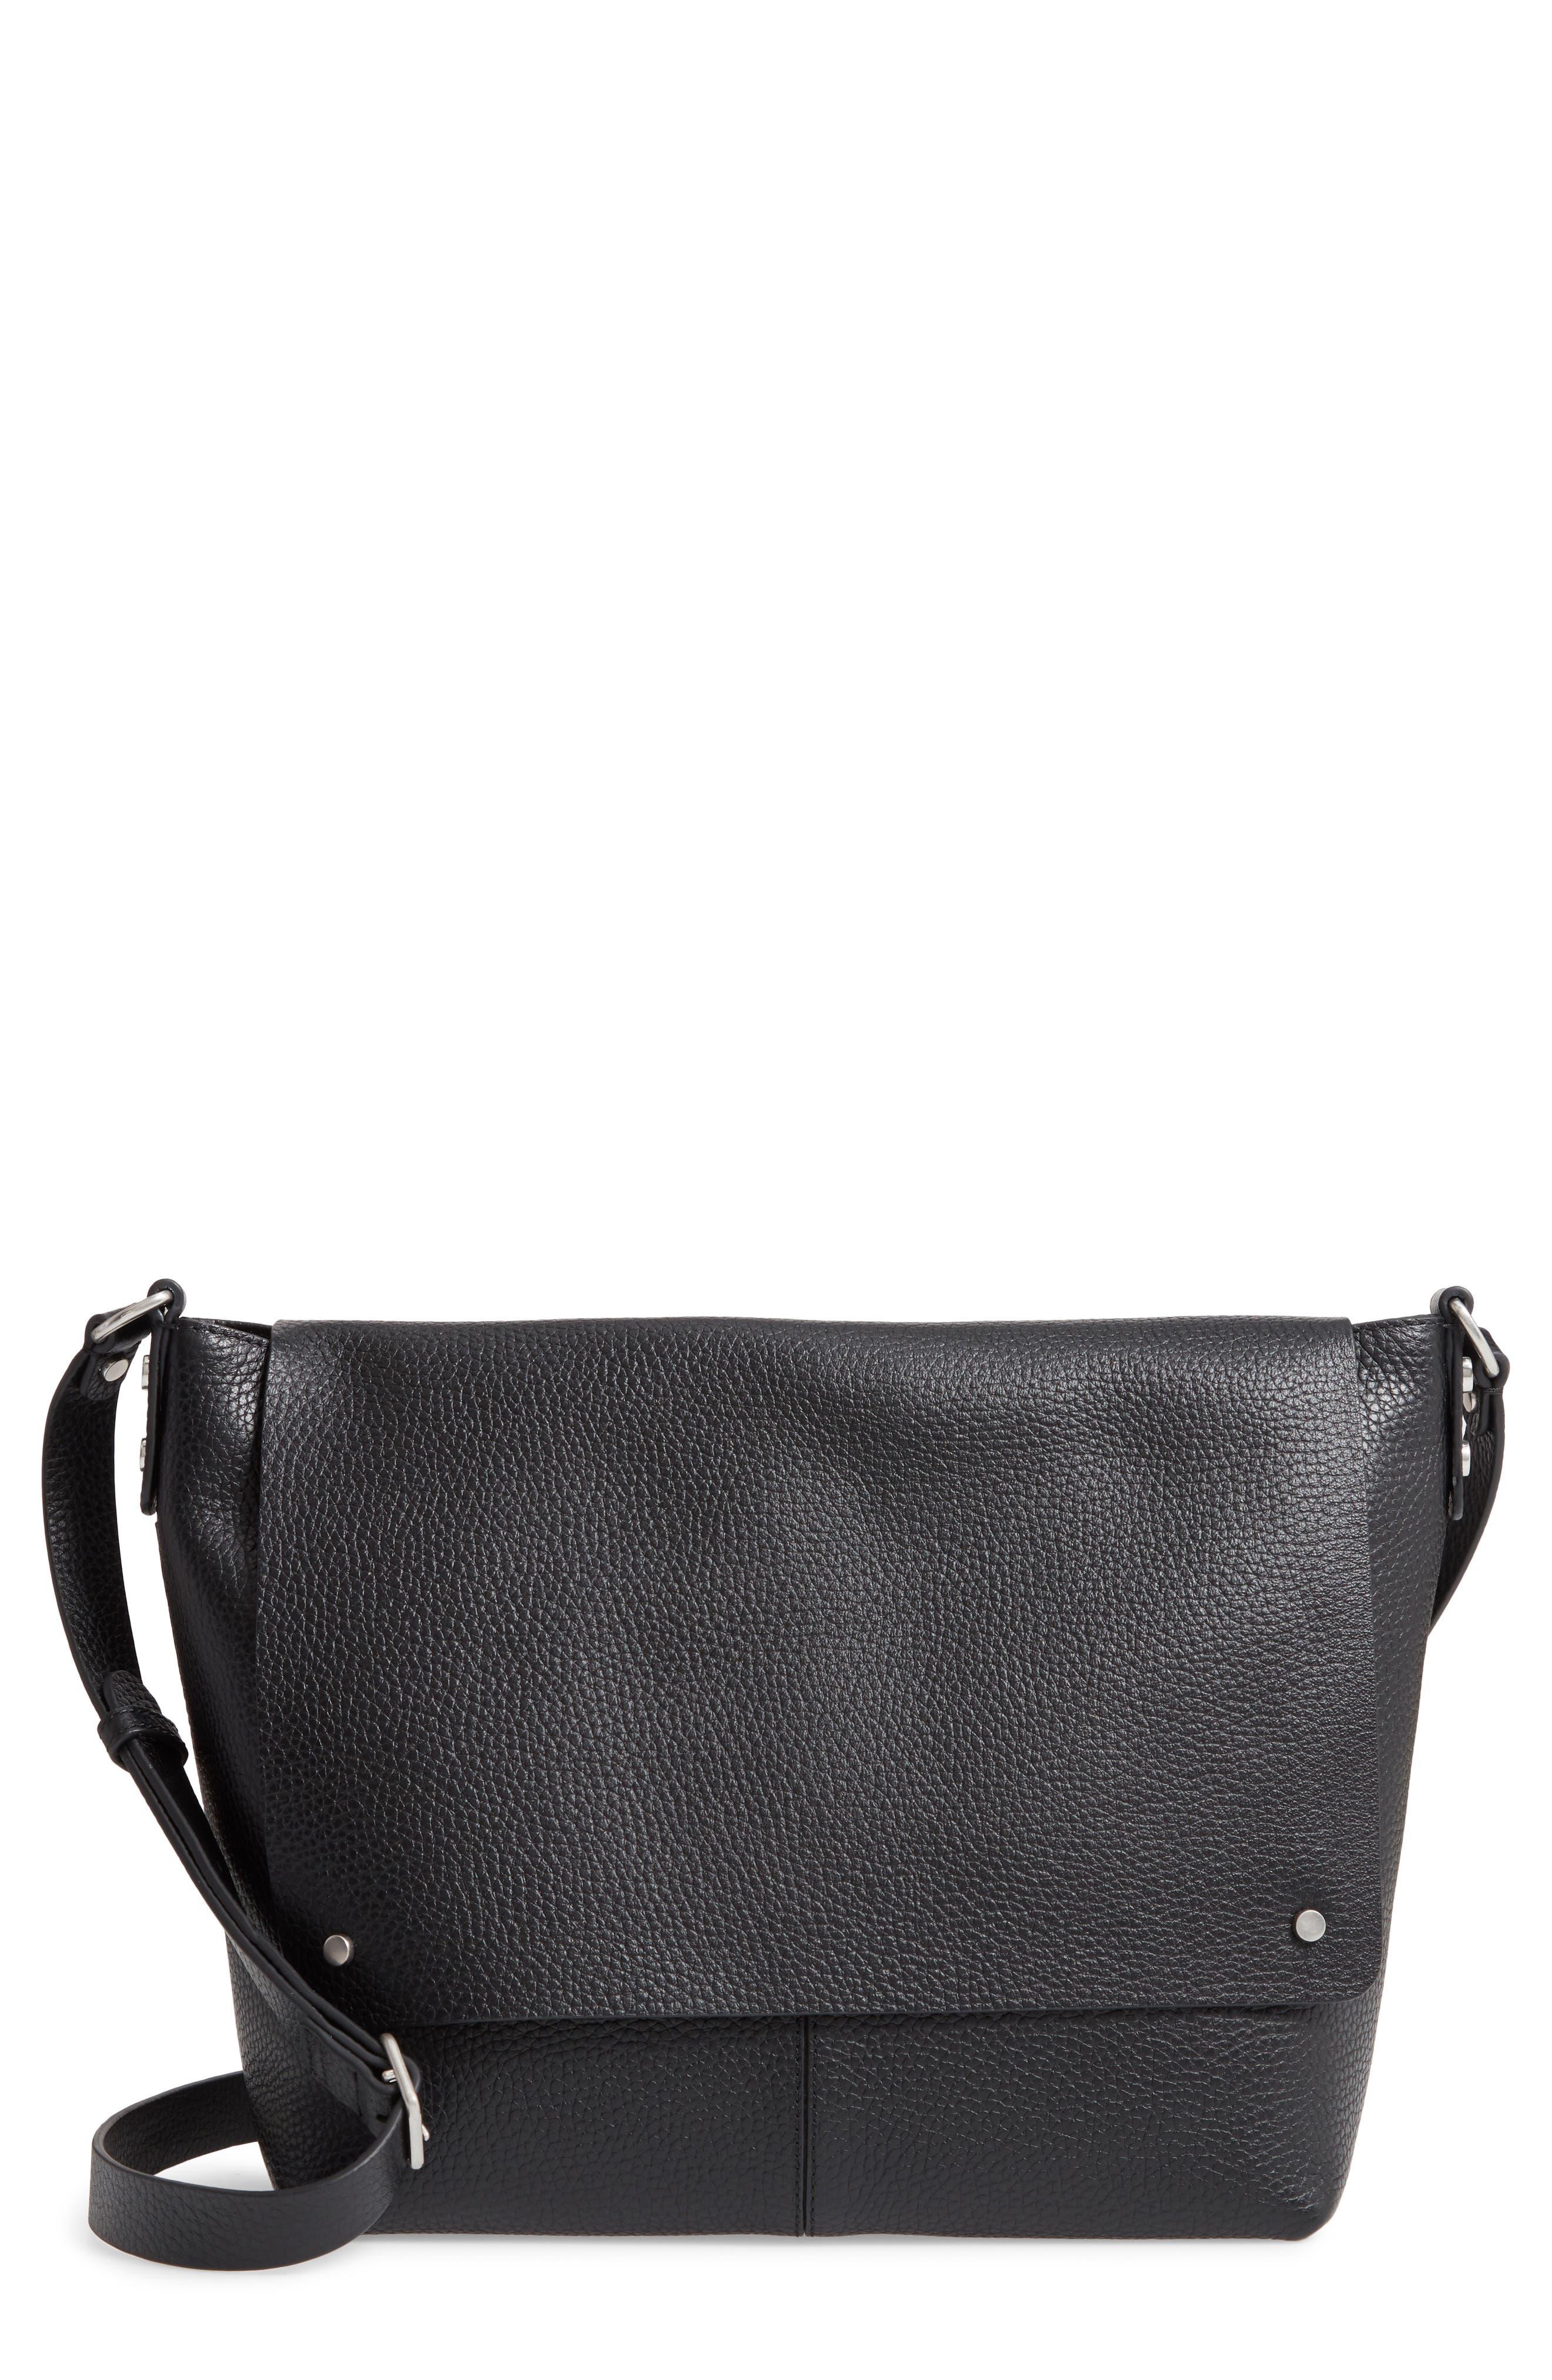 Nevyn Leather Messenger Bag, Main, color, BLACK